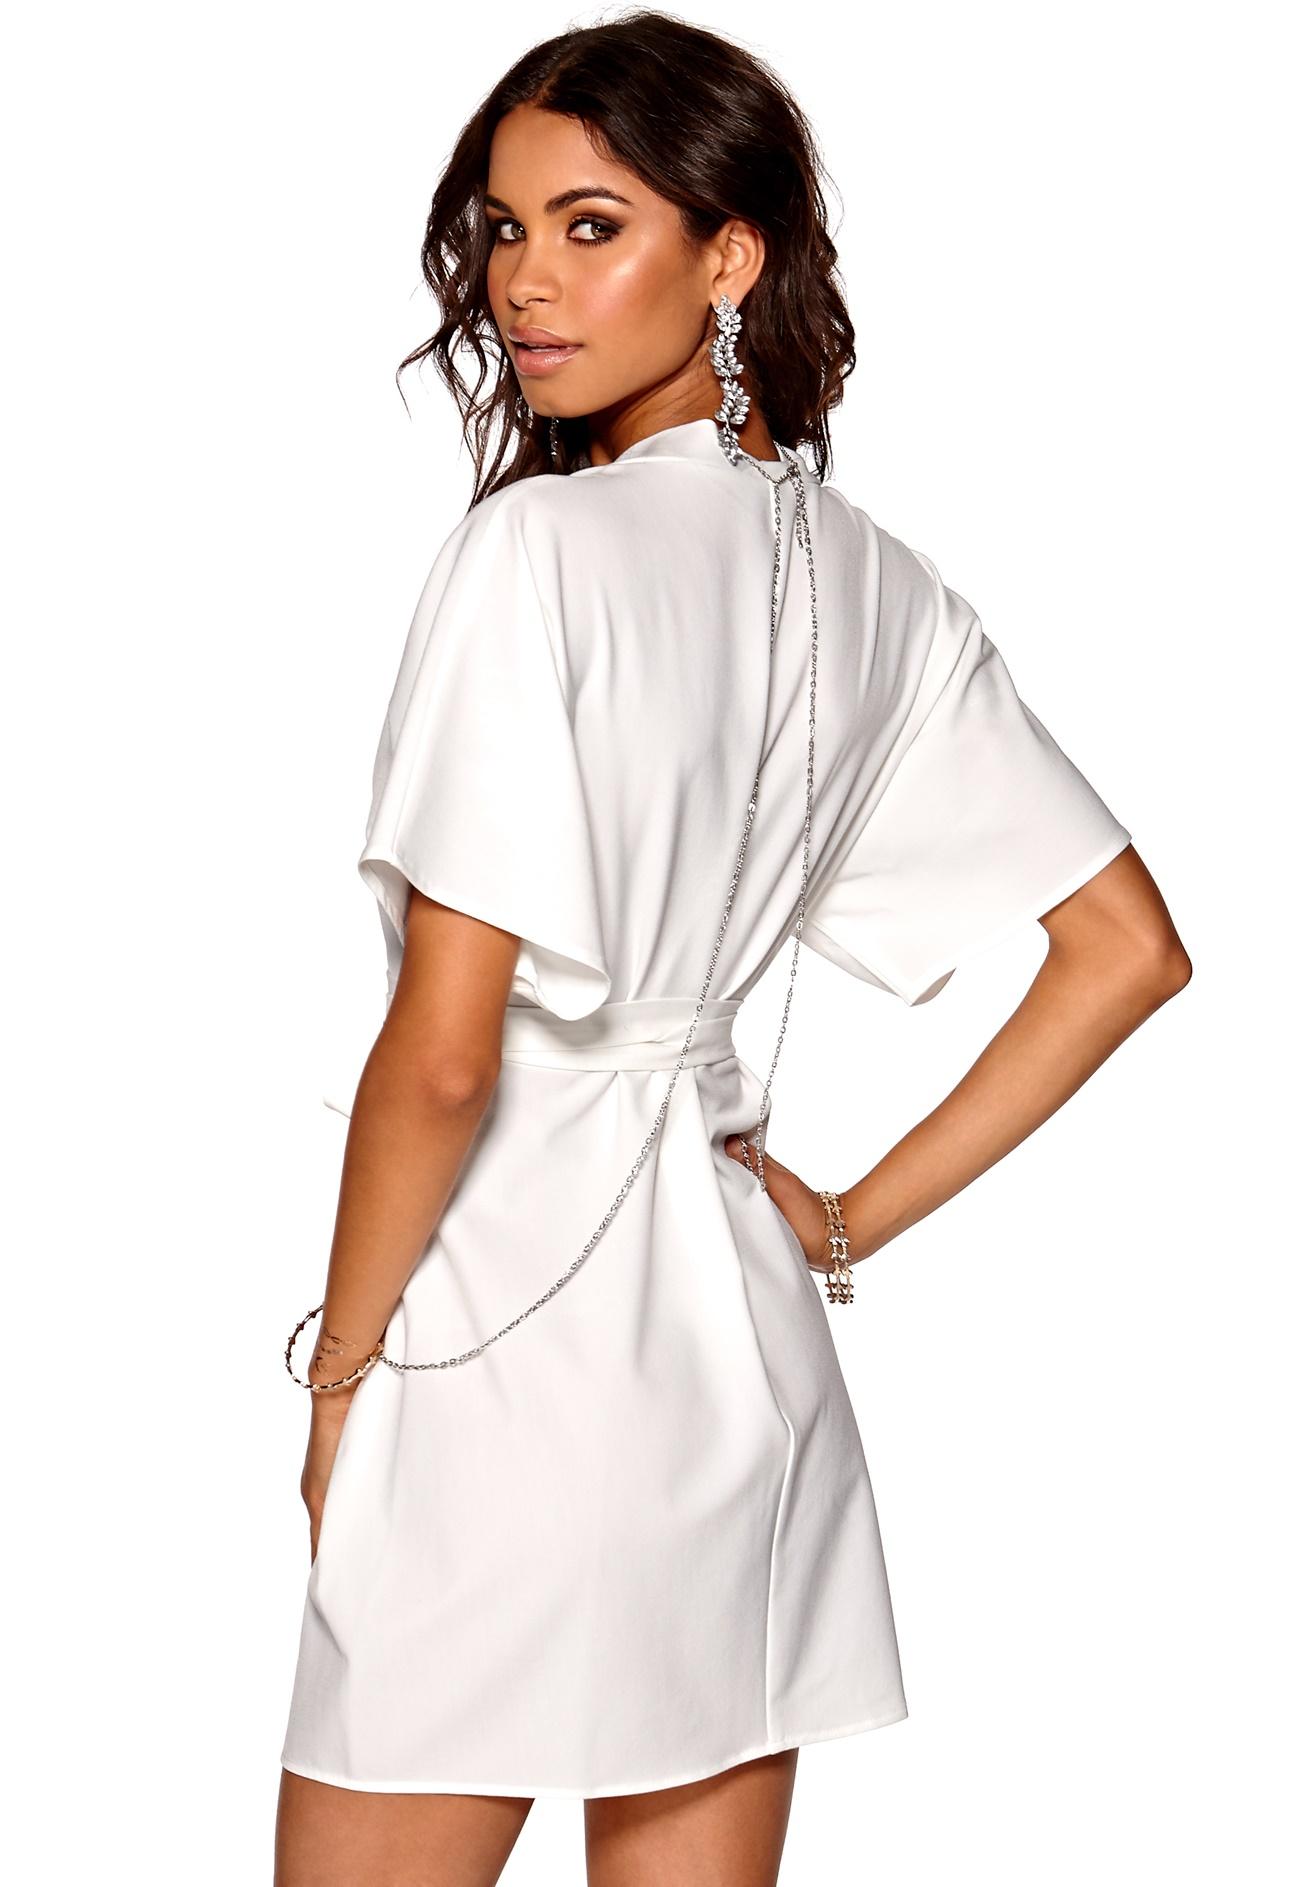 Make Way Karmen Kimono Dress White - Bubbleroom